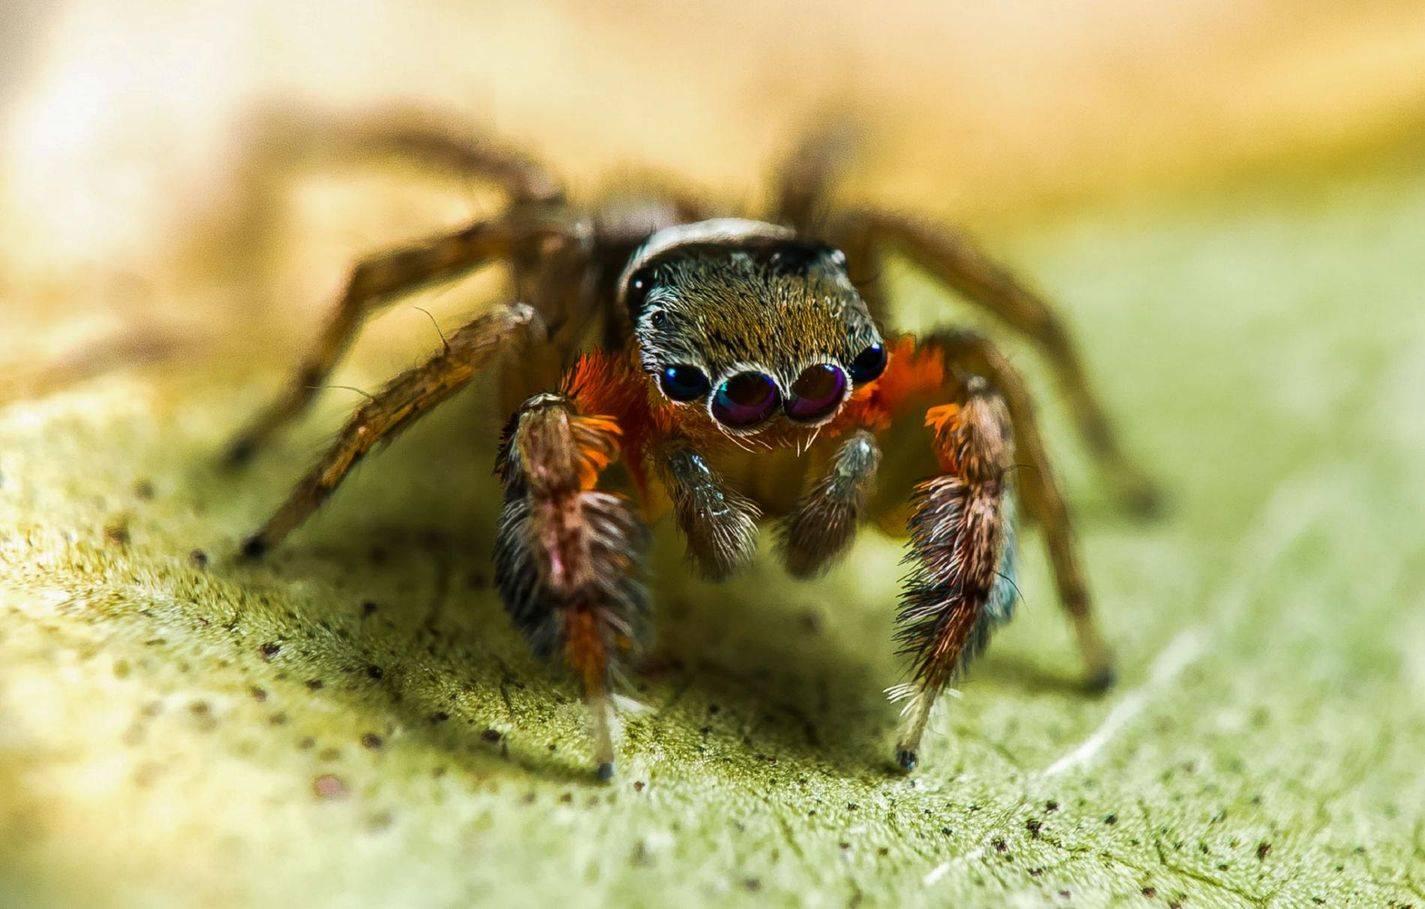 Паук-скакун (скакунчик): фото и описание, чем питается, опасен ли для человека